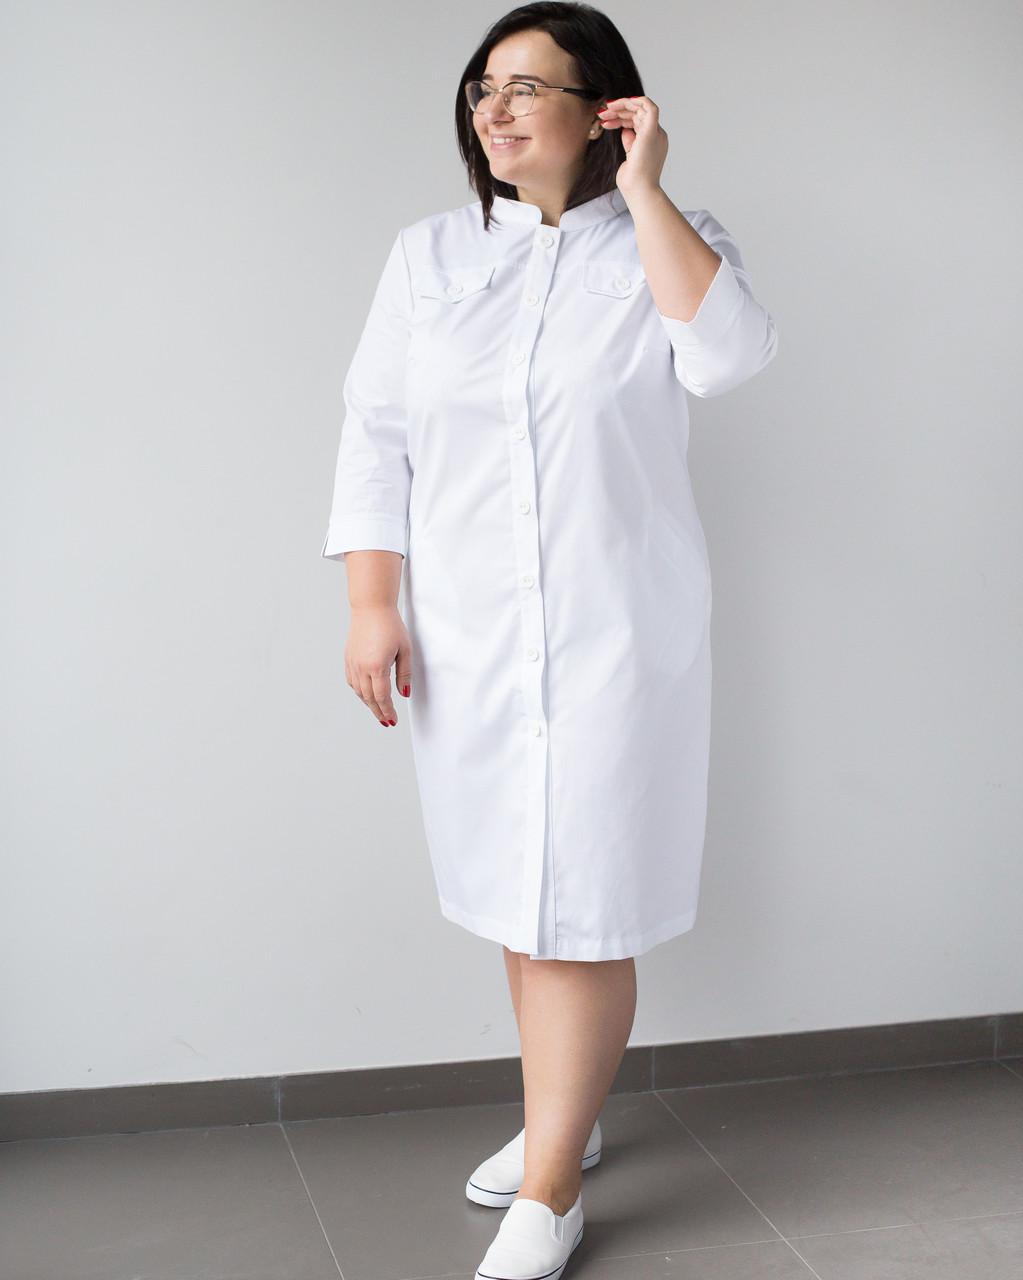 Медичний жіночий халат Валері білий +SIZE